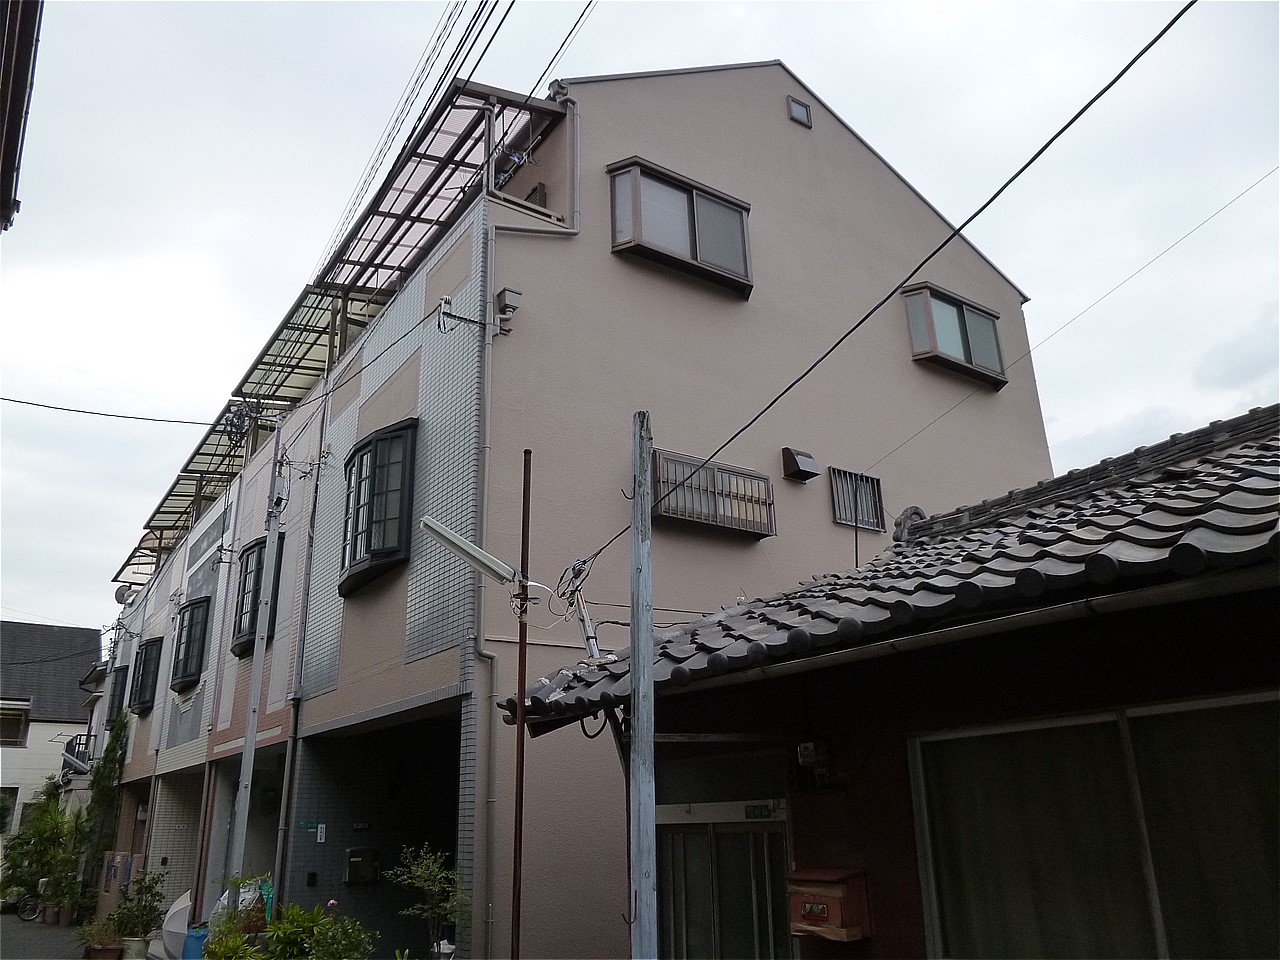 都島区 外壁塗装 施工例(M様邸)